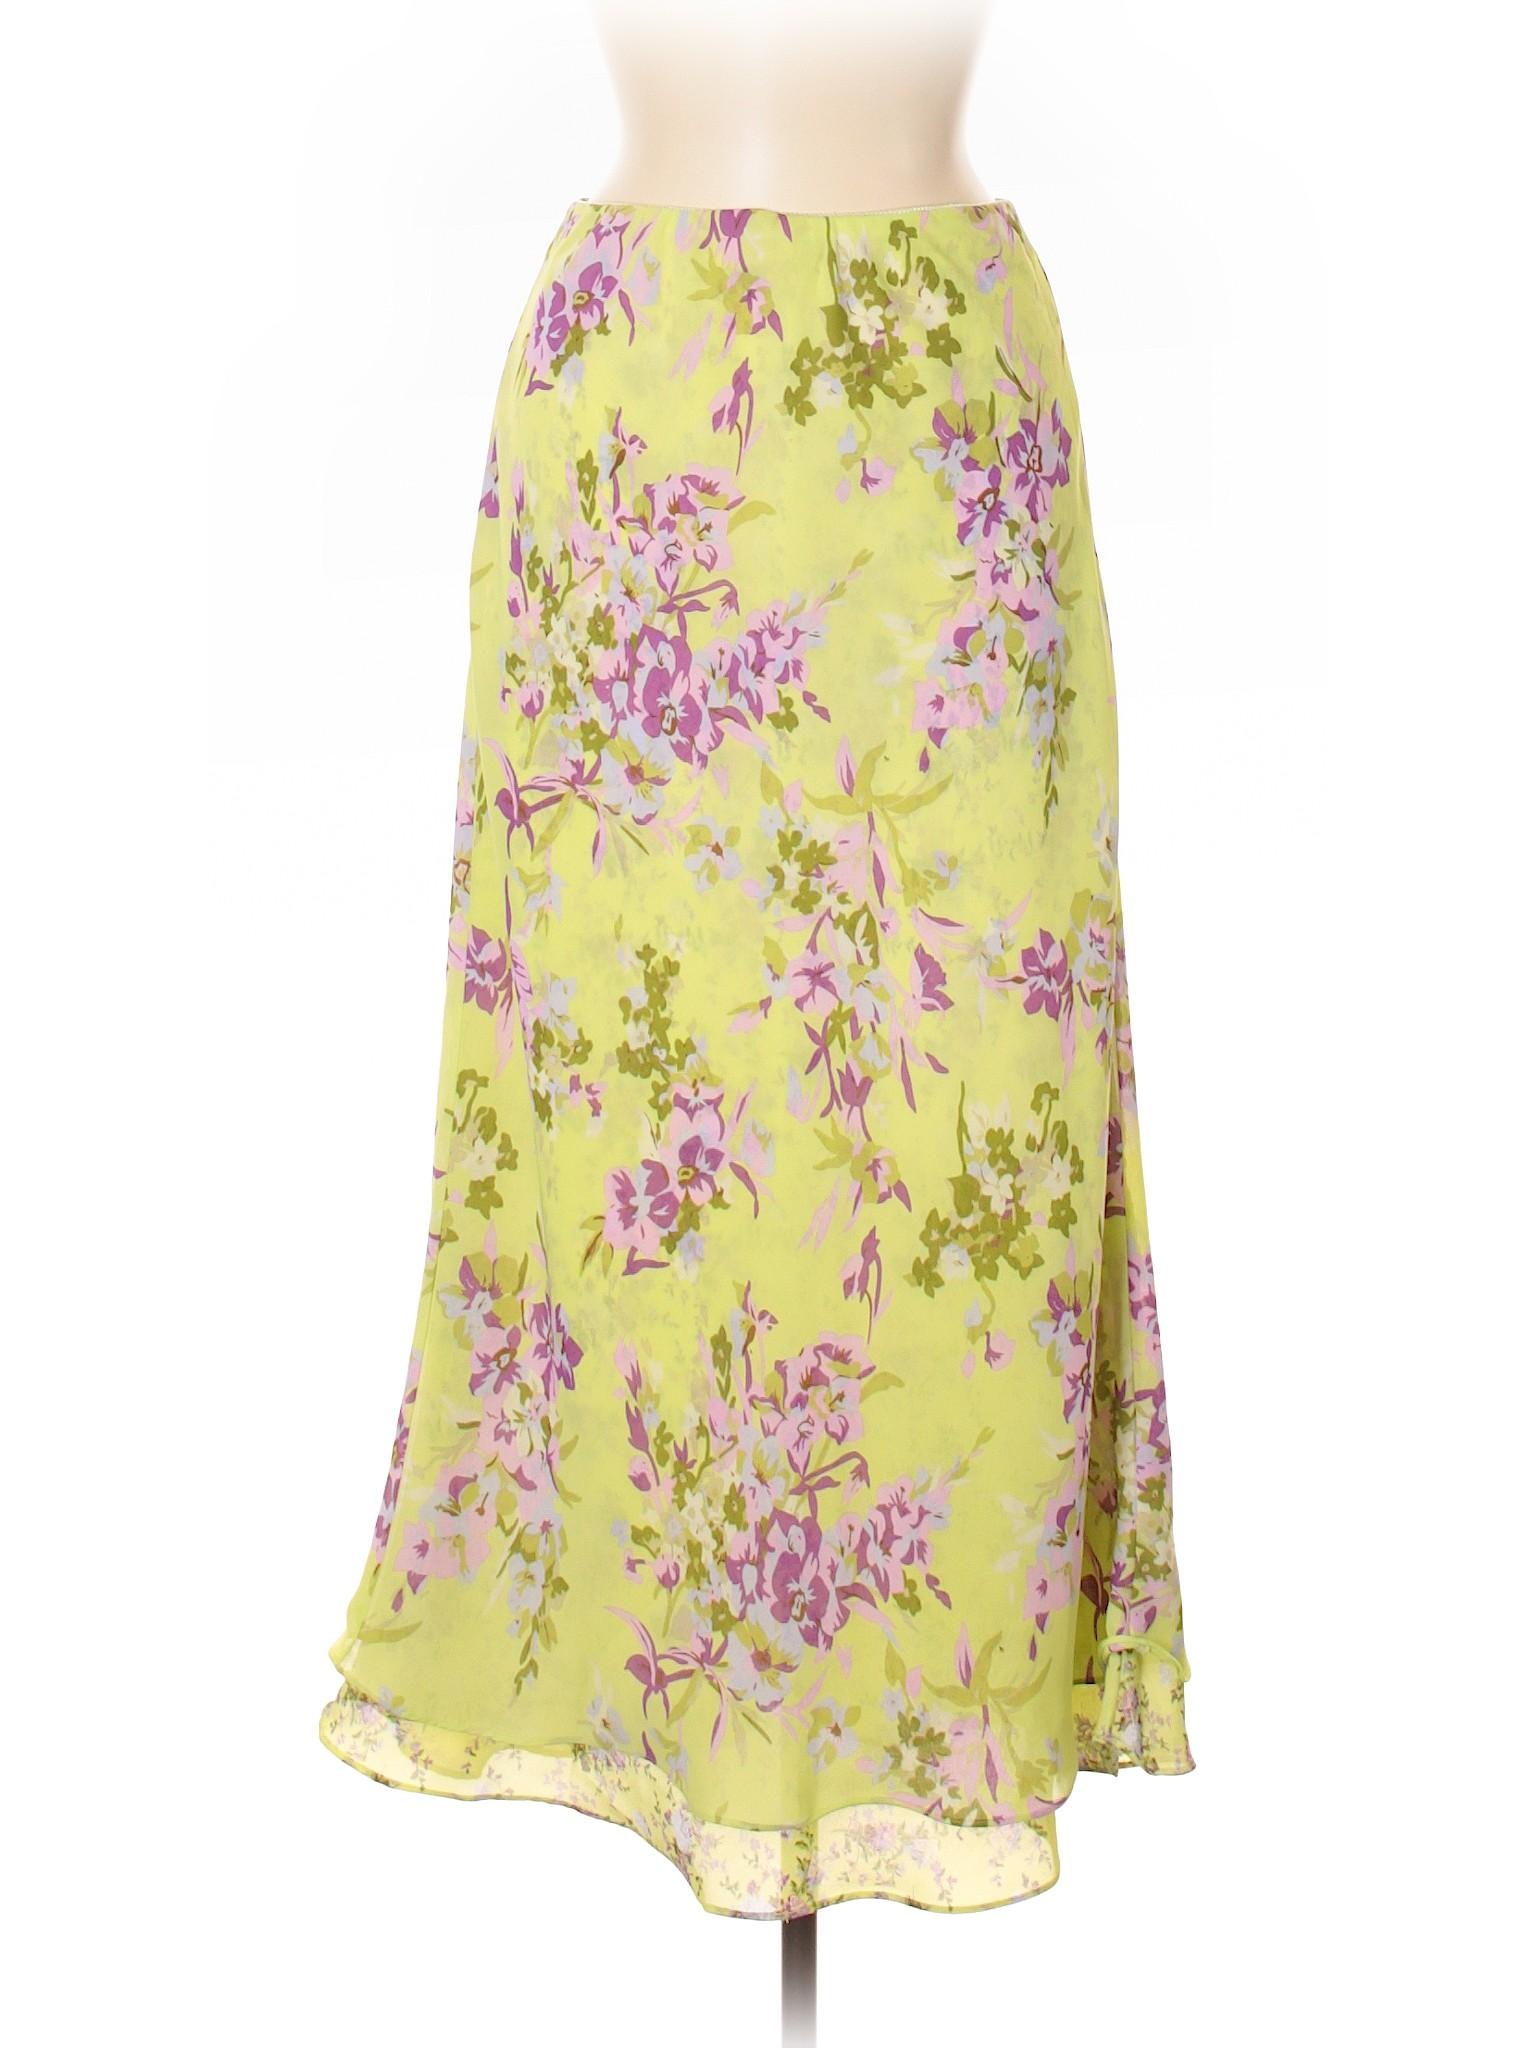 Boutique Skirt Boutique Casual Skirt Casual Skirt Casual Boutique XzxwRxpq